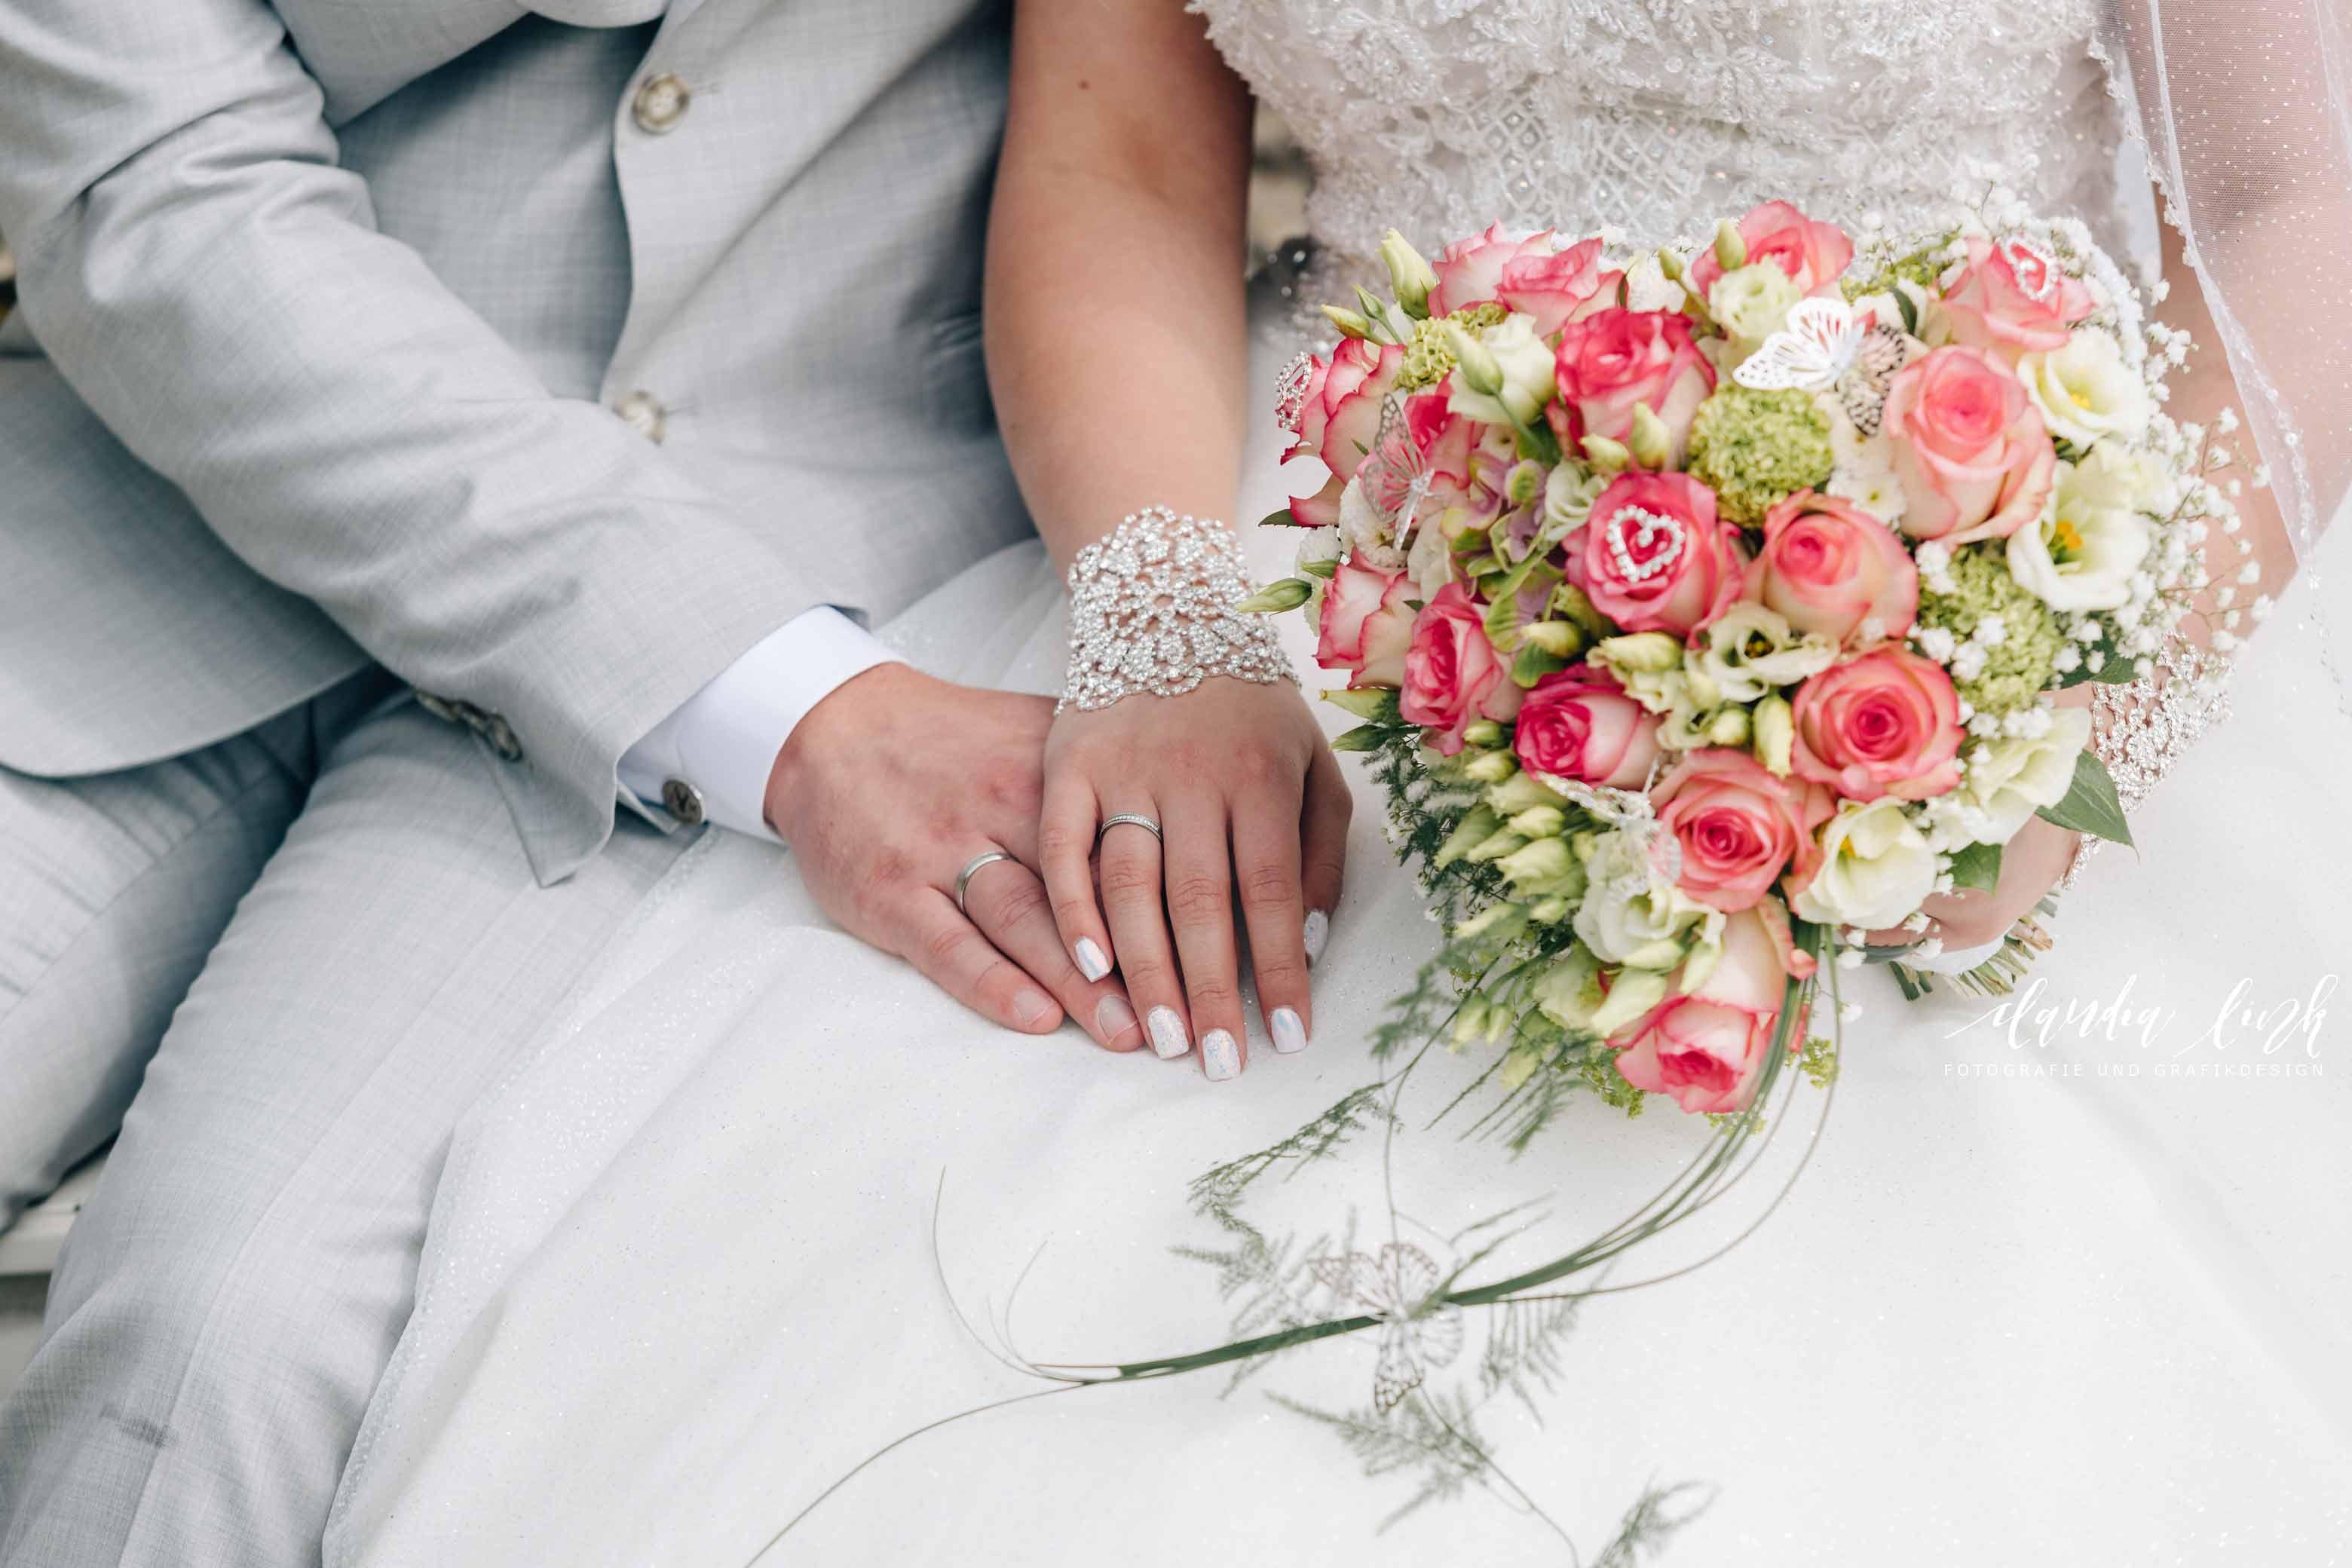 Kirchliche Hochzeit in Corona-Zeiten im fränkischen Burgkunstadt IMG 0450w